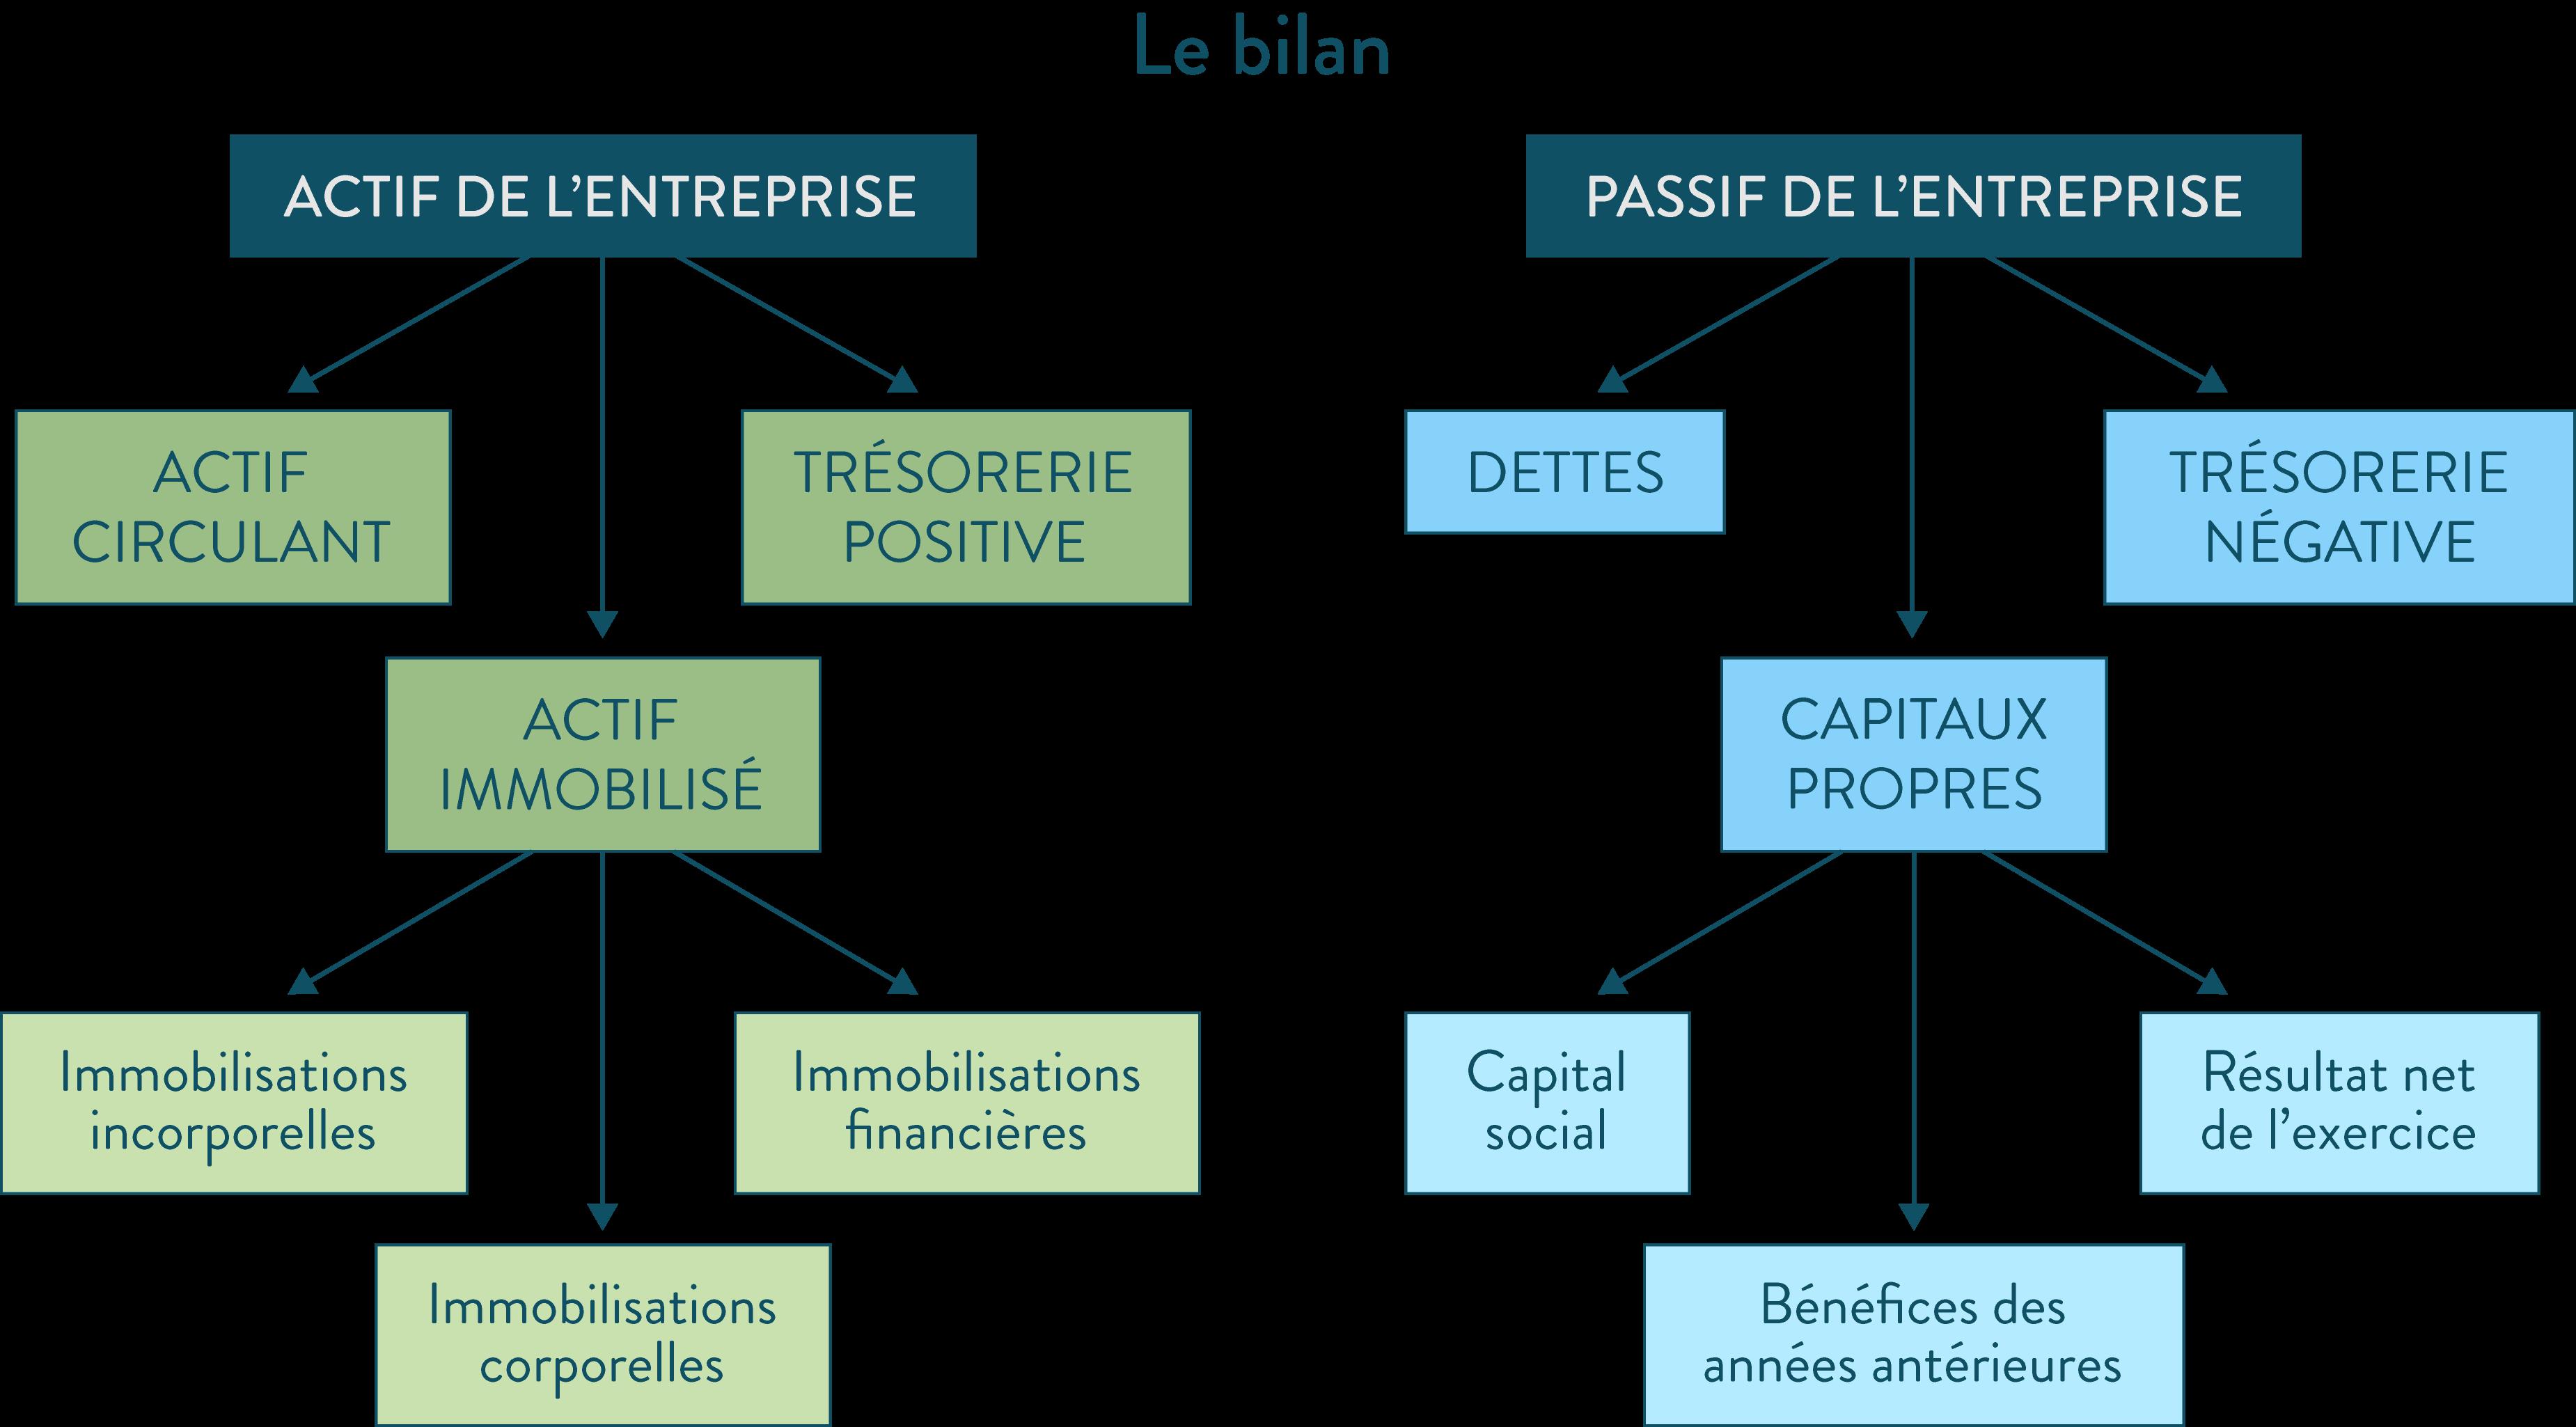 ses première le bilan entreprise immobilisations actif passif bénéfices dettes